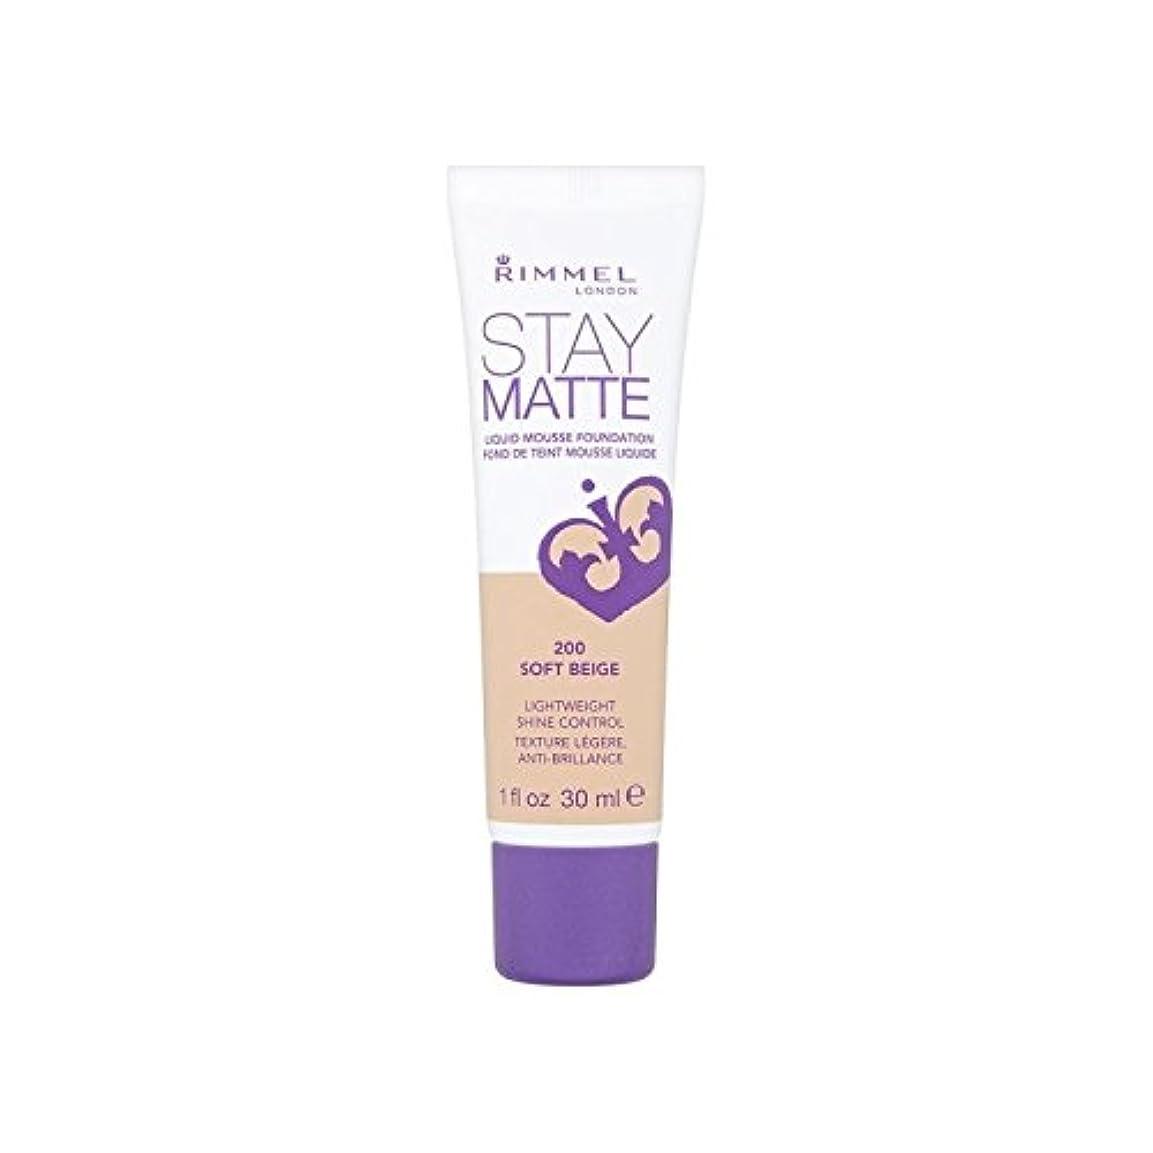 担当者贅沢な育成リンメルステイマット基盤ソフトベージュ x4 - Rimmel Stay Matte Foundation Soft Beige (Pack of 4) [並行輸入品]